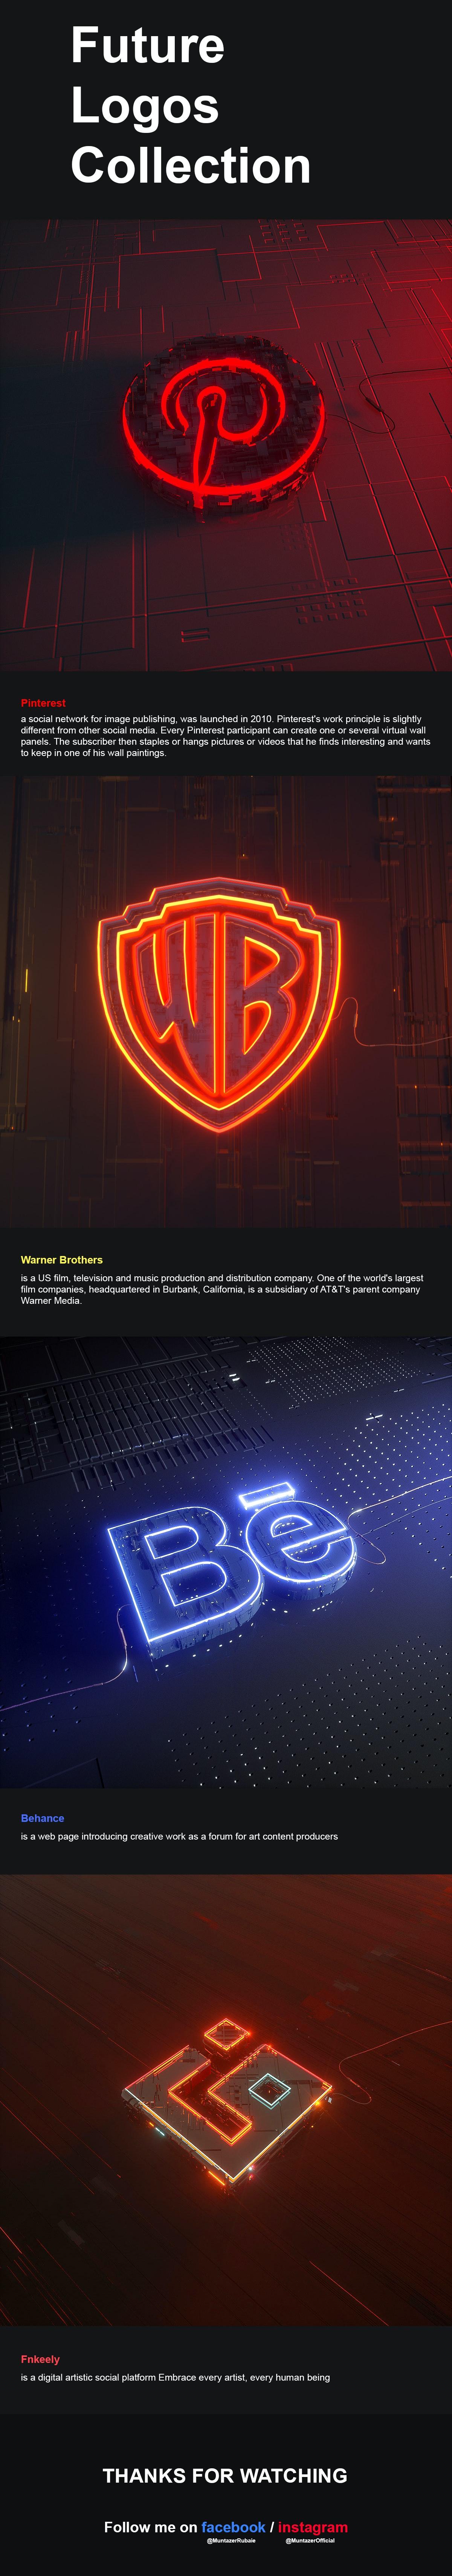 Future Logos Collection 2019